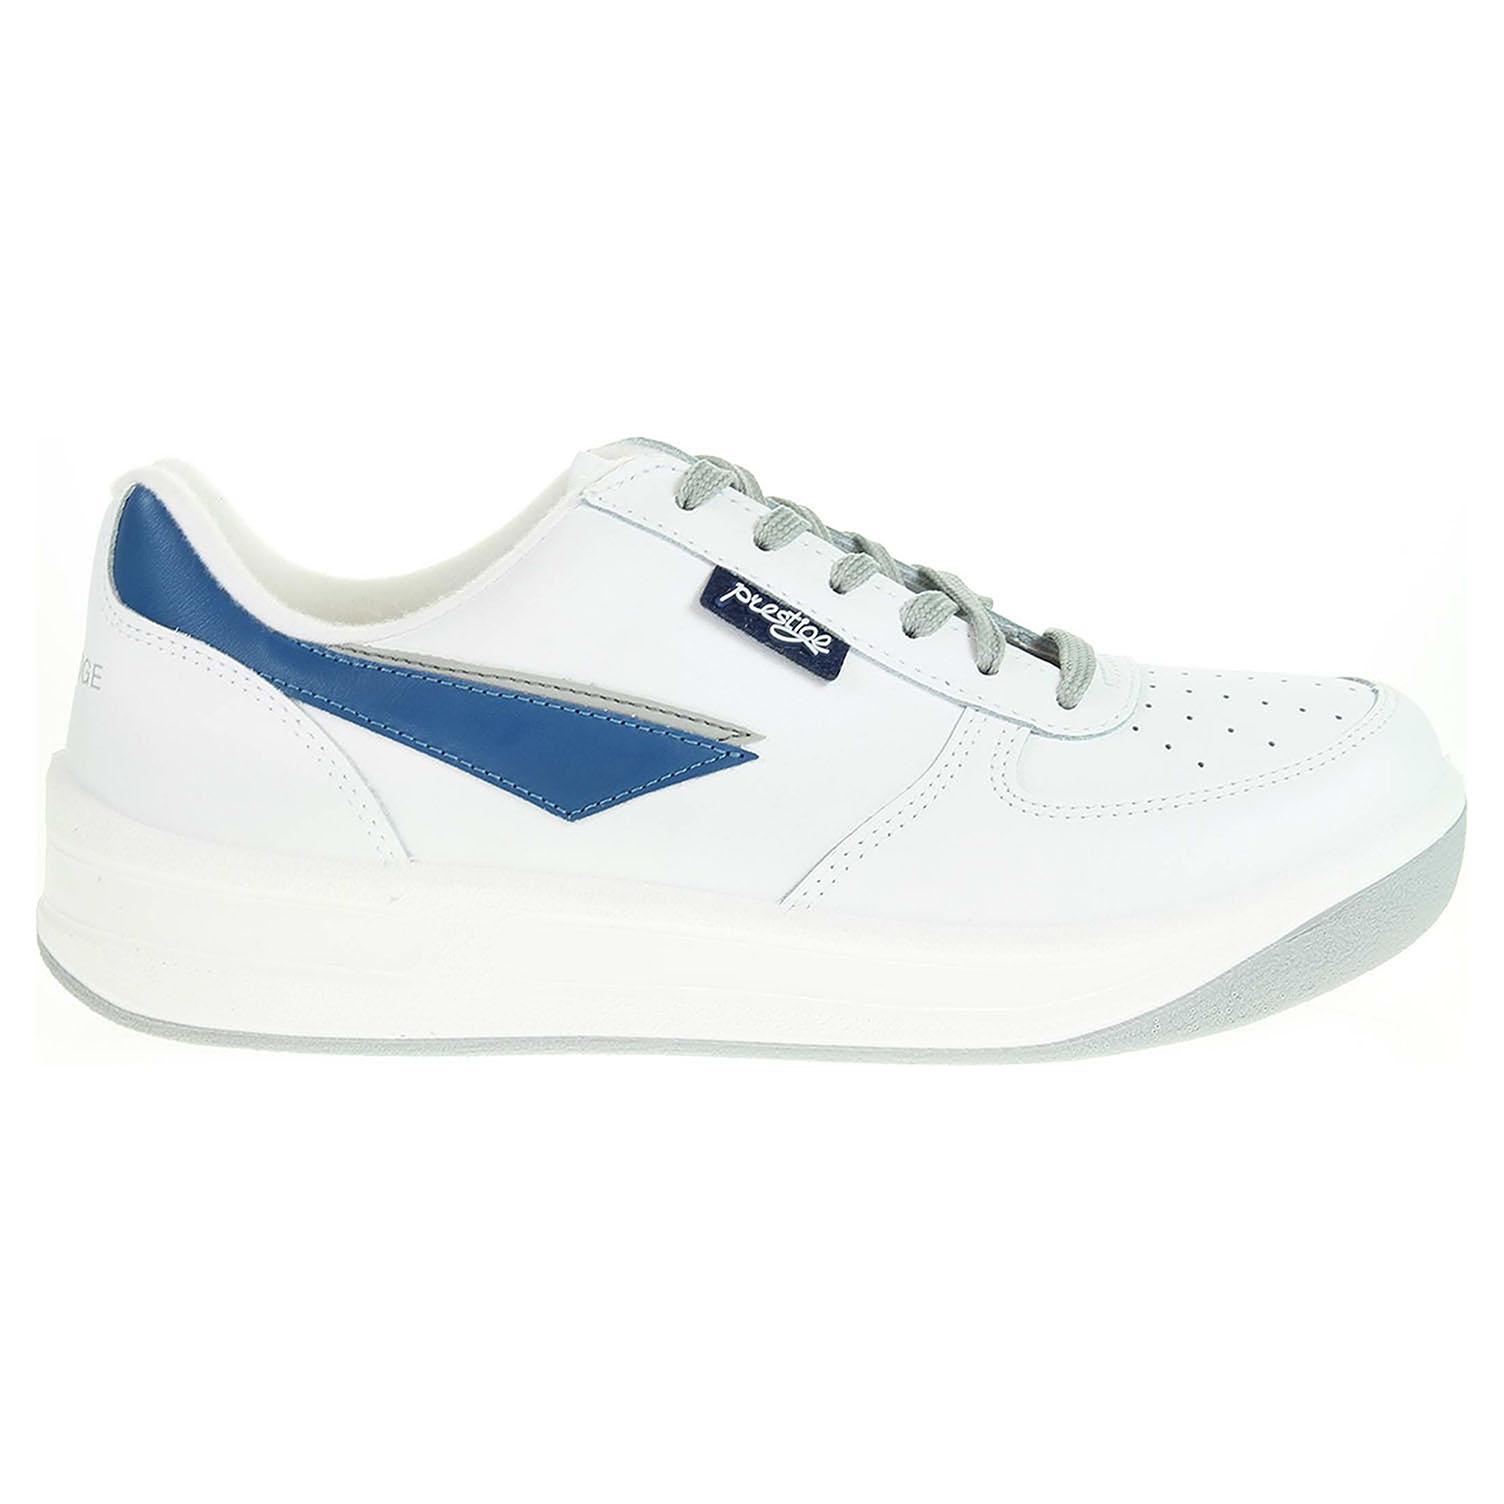 Prestige pánská obuv 86808-10 bílá 86808-10 bílá 49